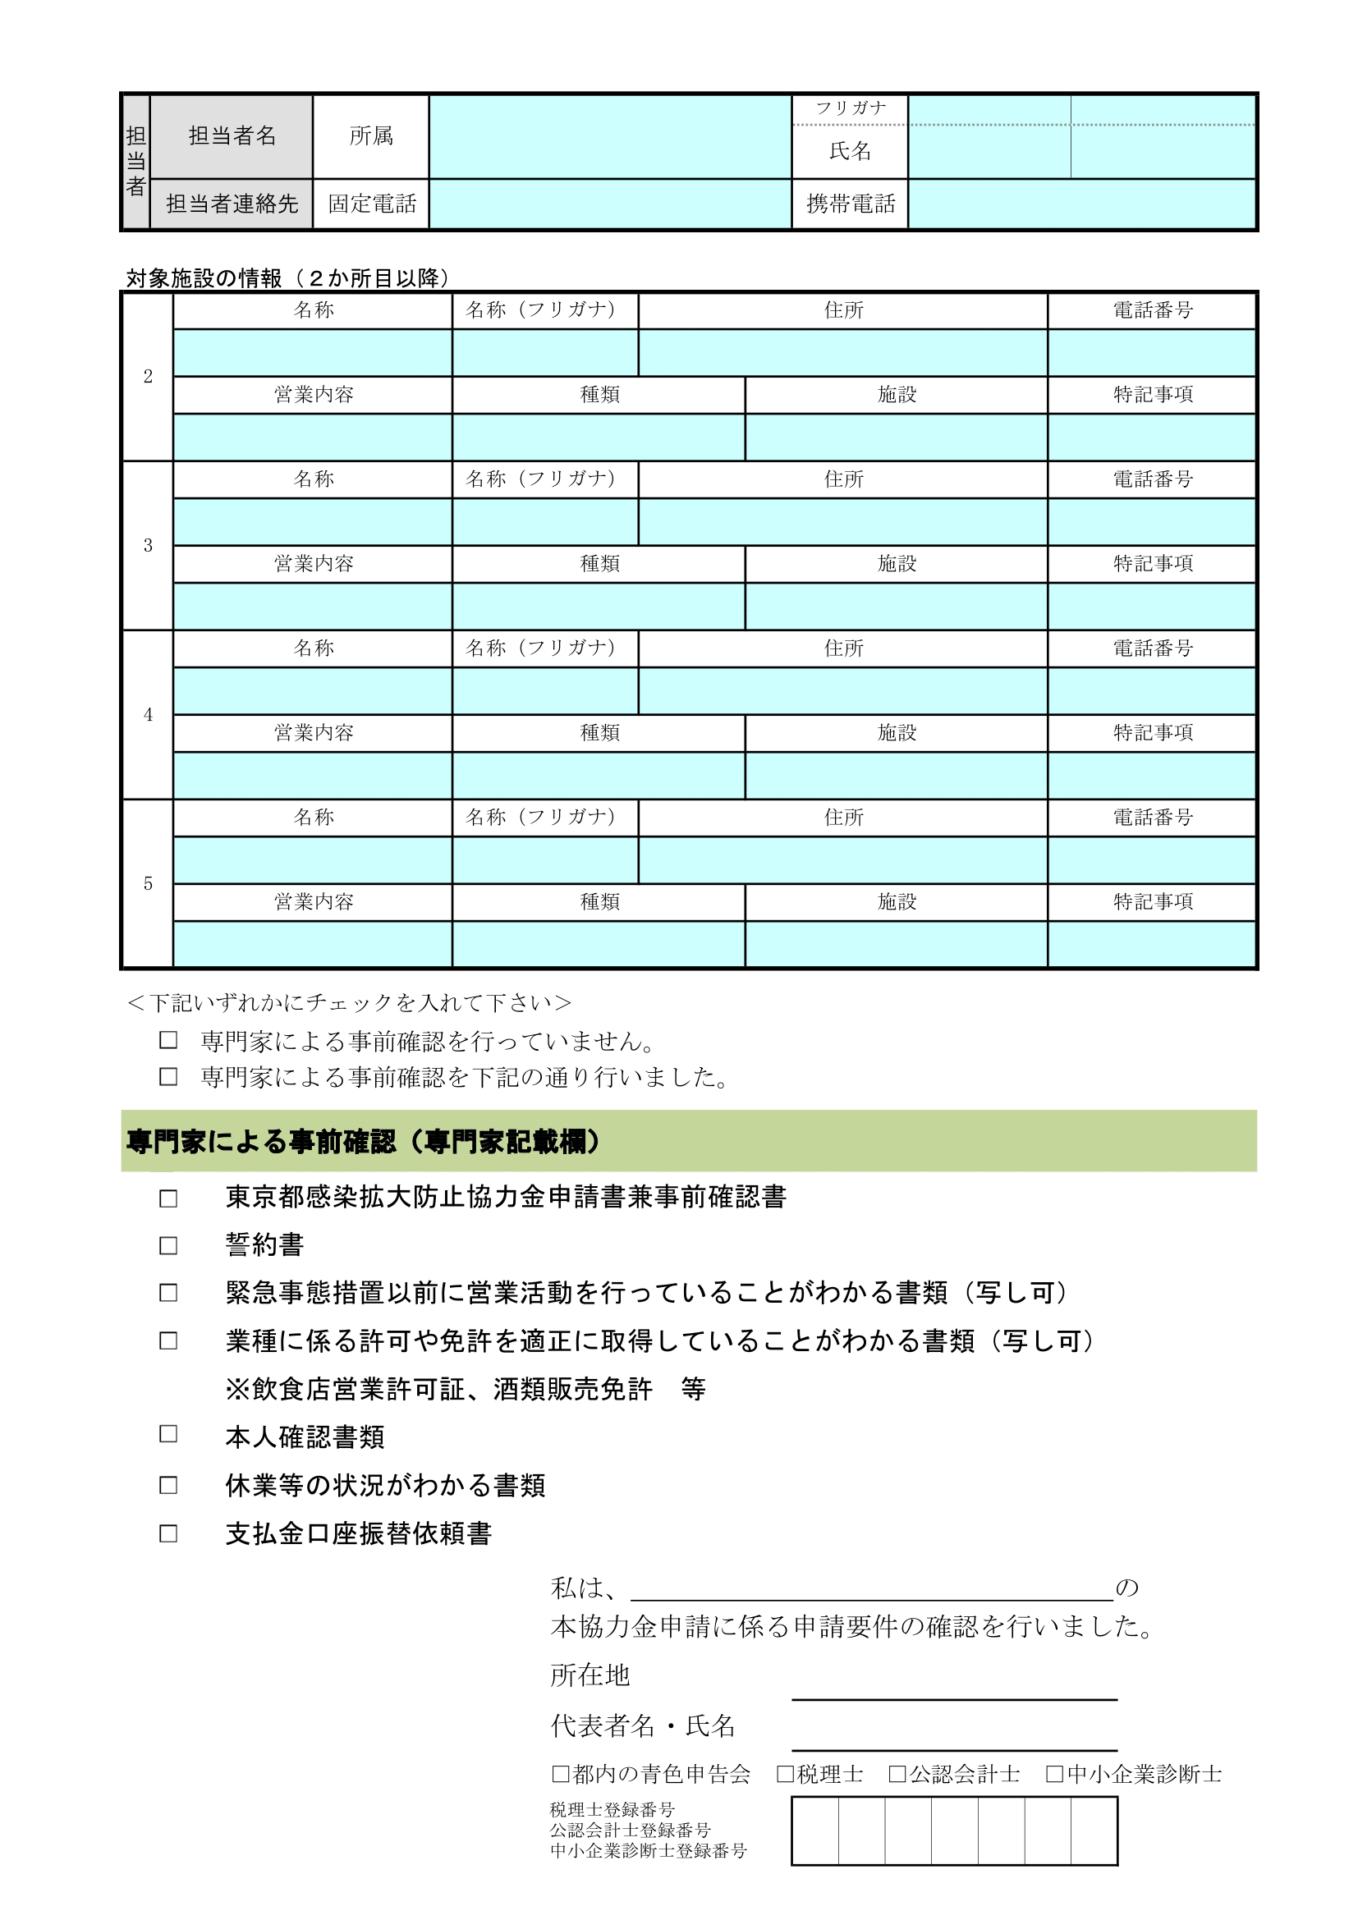 東京都感染拡大防止協力金 申請書